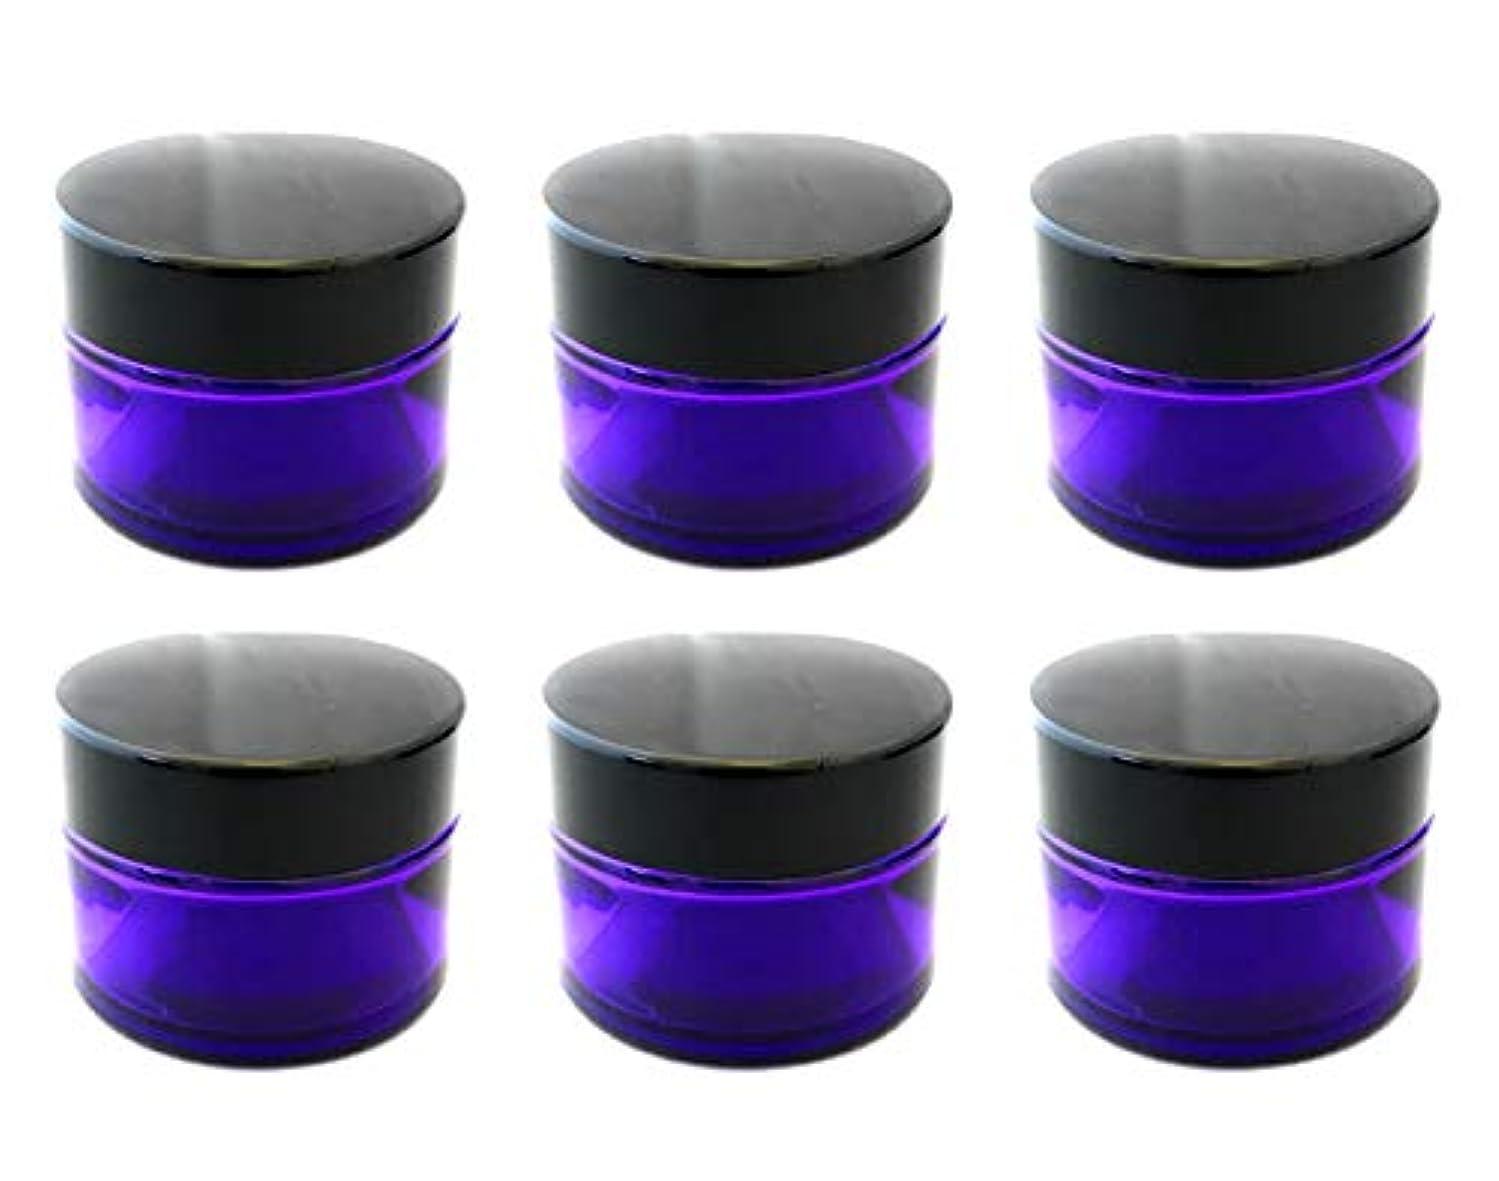 櫛スチュワーデス良心(m-stone)ハンドクリーム 容器 遮光 ジャー 6個 セット アロマ 遮光瓶 ガラス 瓶 パープル (30g)